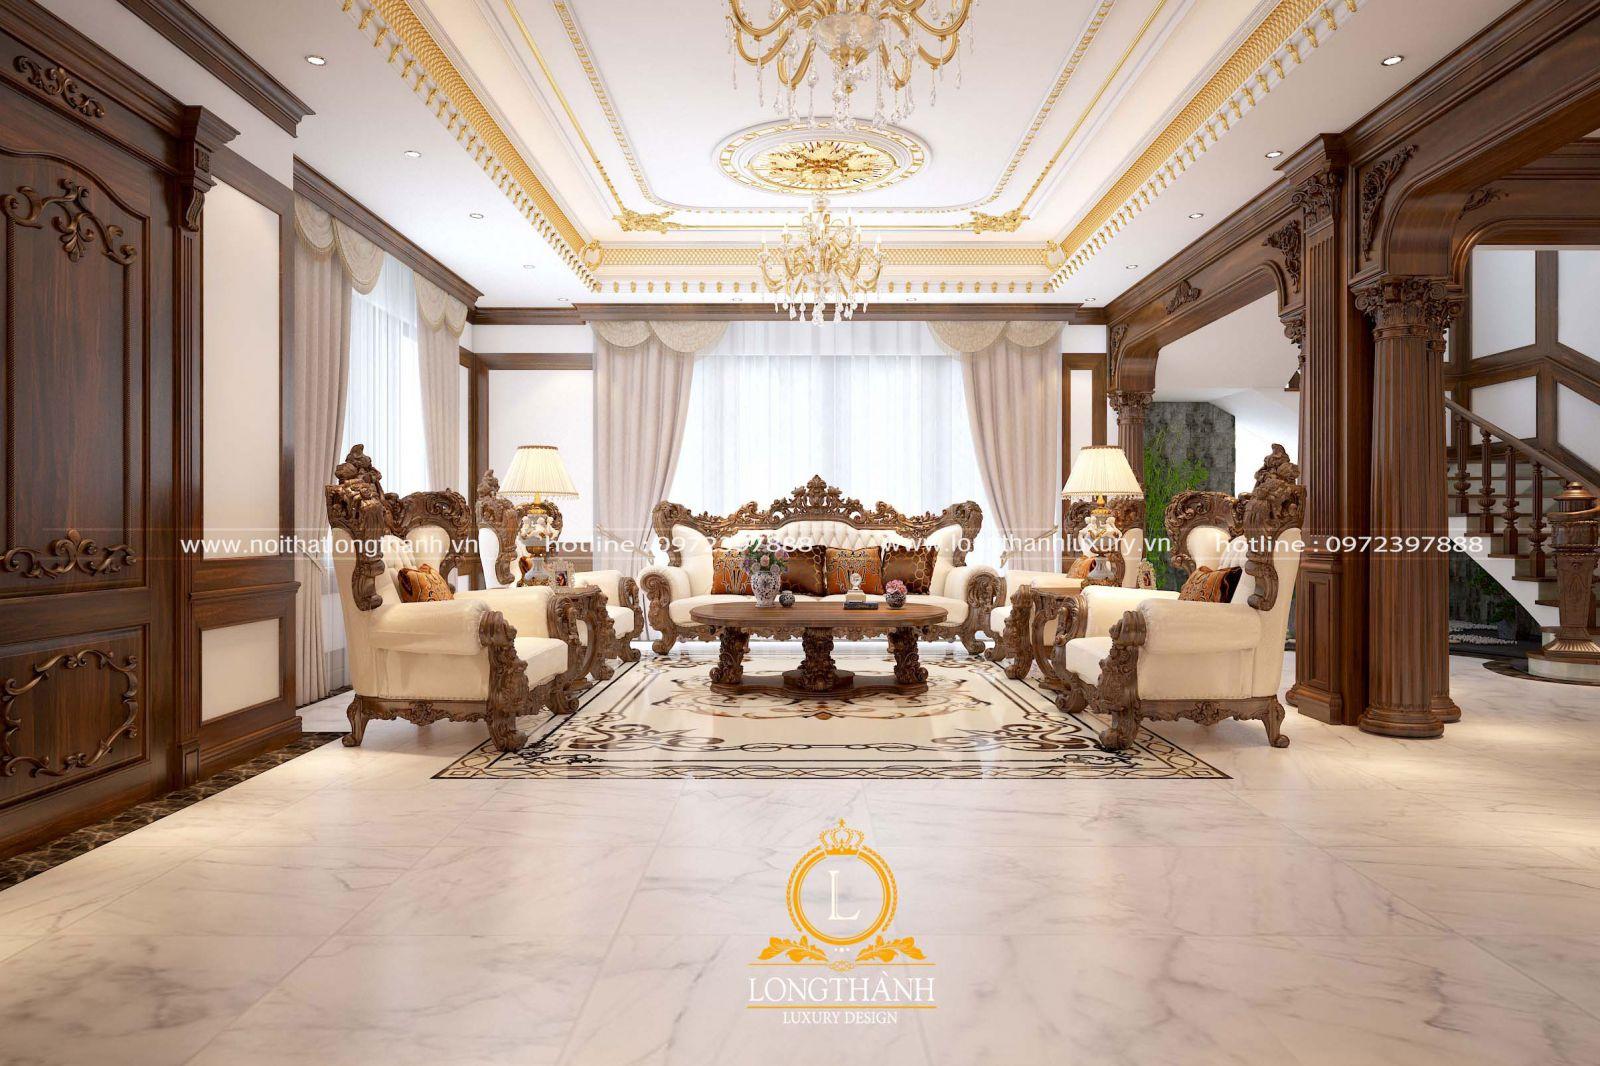 Phòng khách hiện đại thời thượng